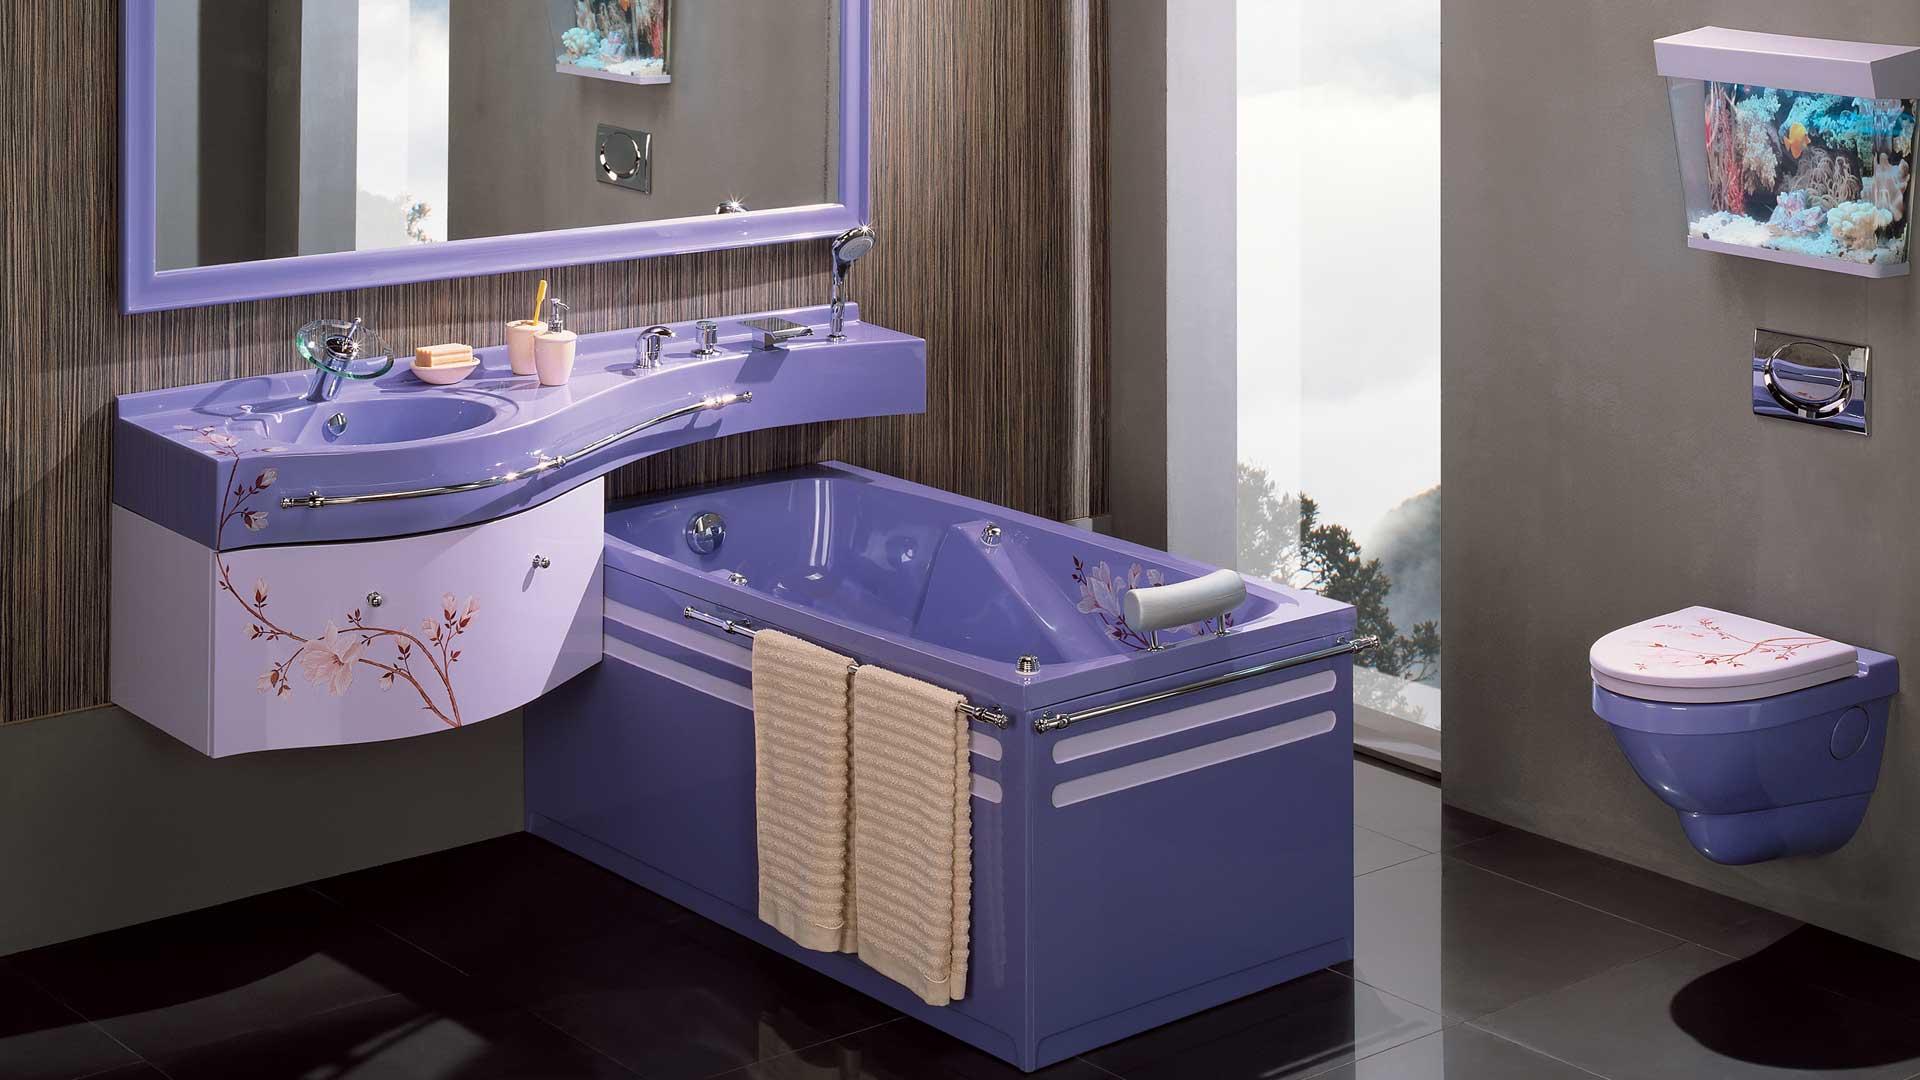 Смоленск сантехника ванная смеситель для ванны с длинным изливом купить